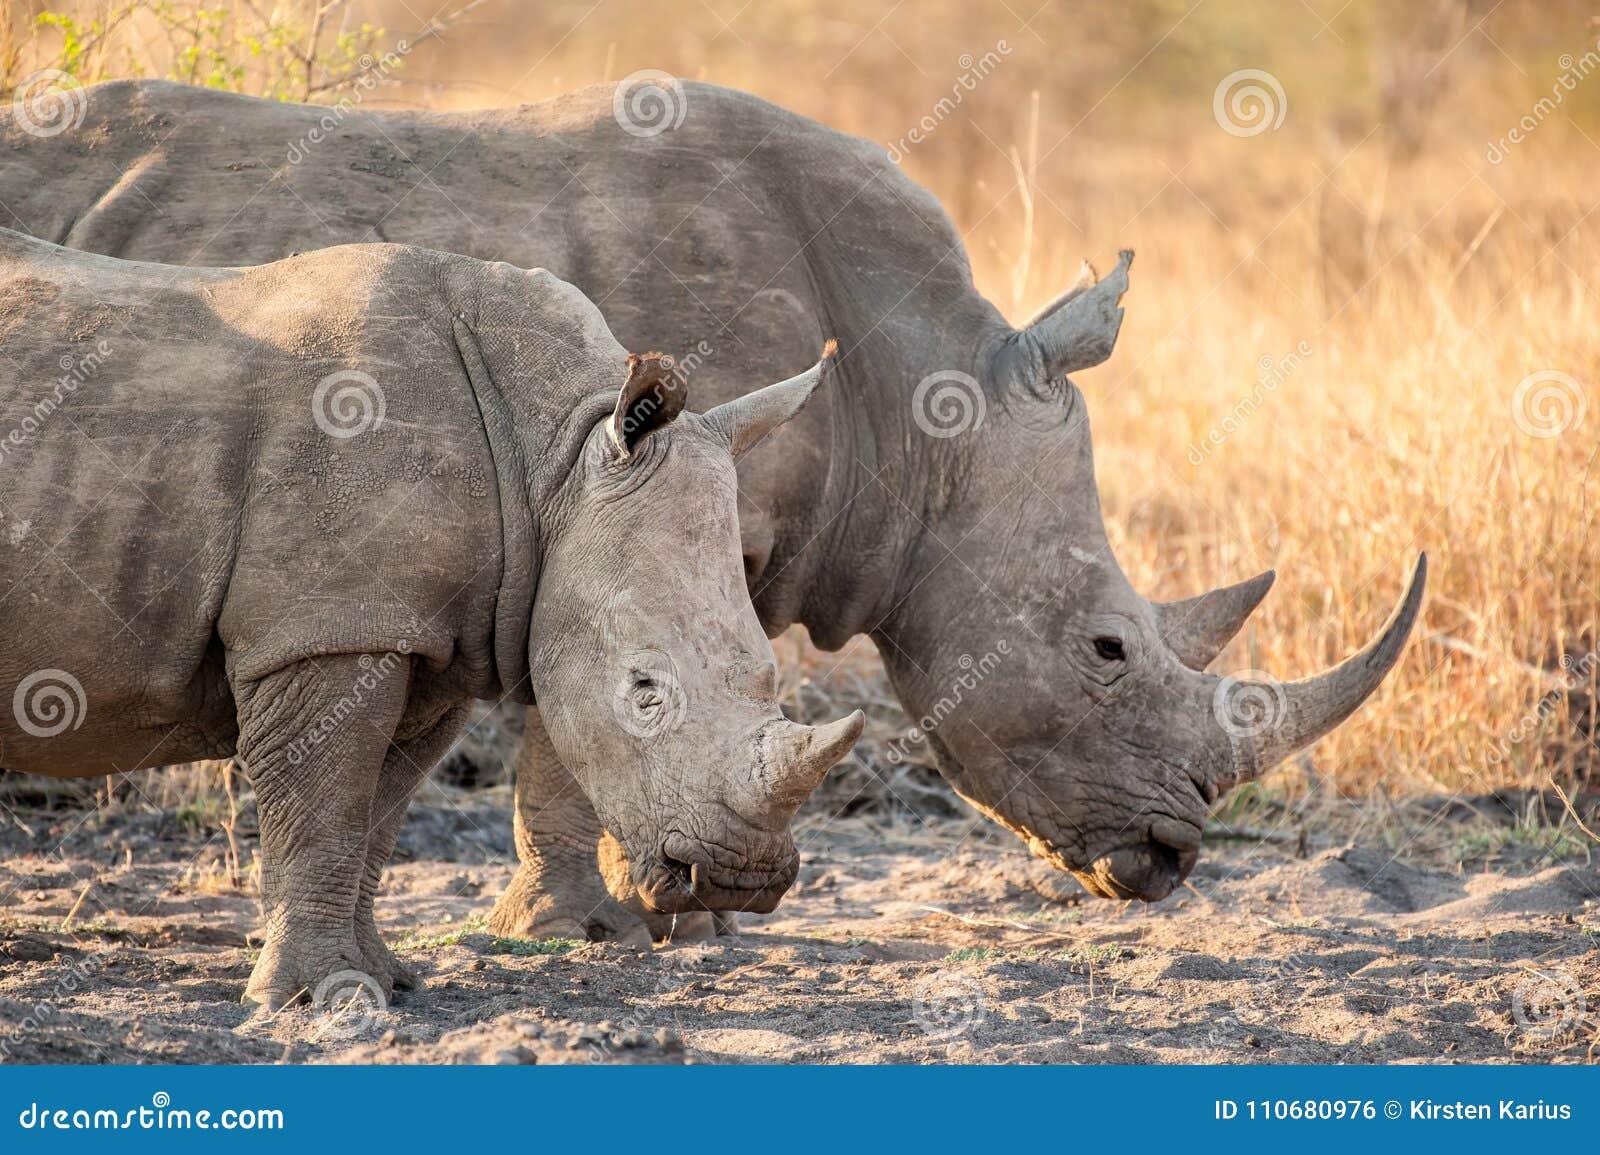 Two White rhinoceros Ceratotherium simum